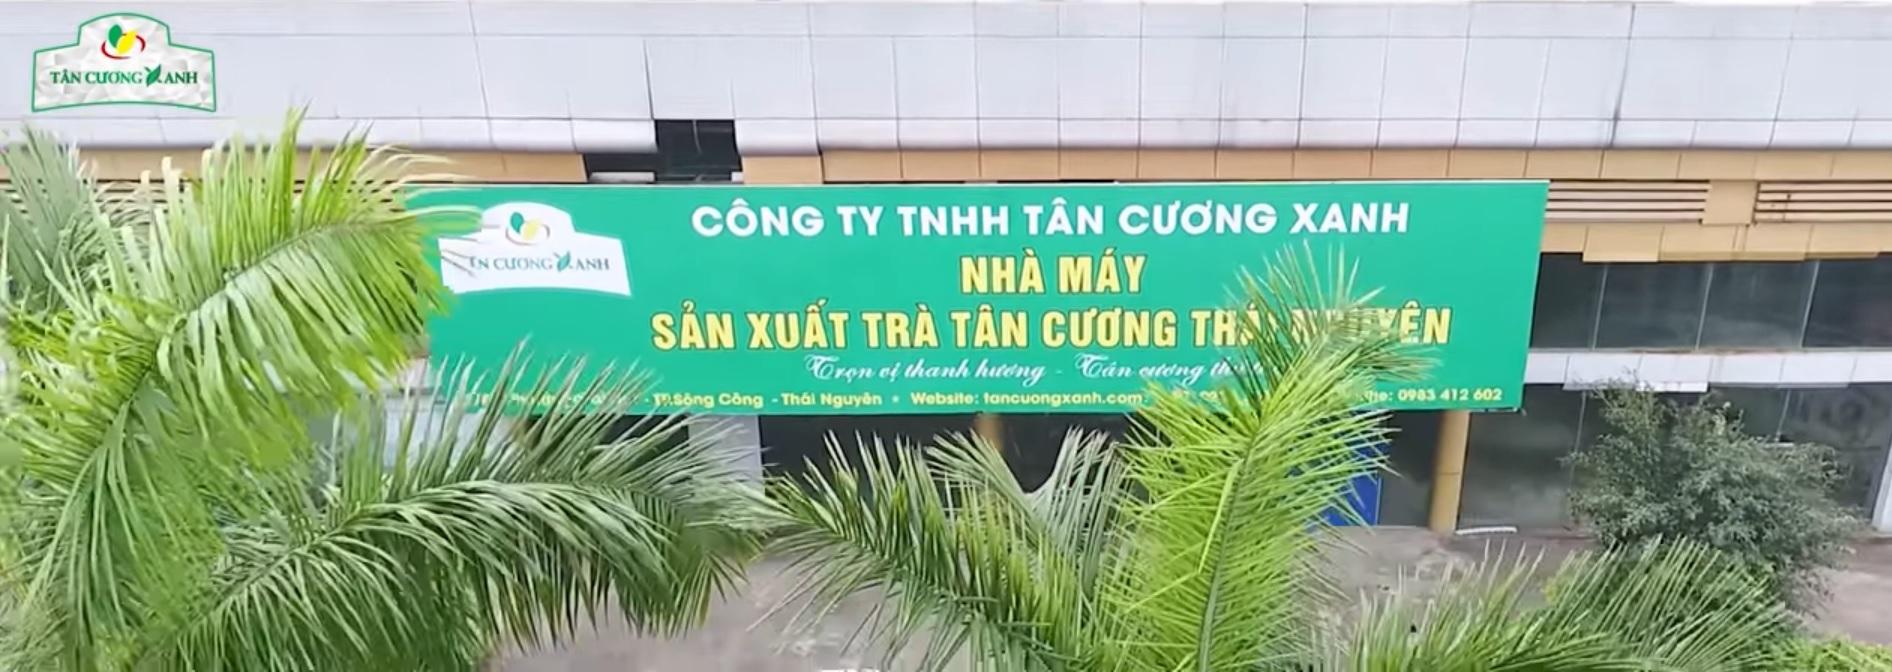 nha may tra Tan Cuong Xanh 2.jpg